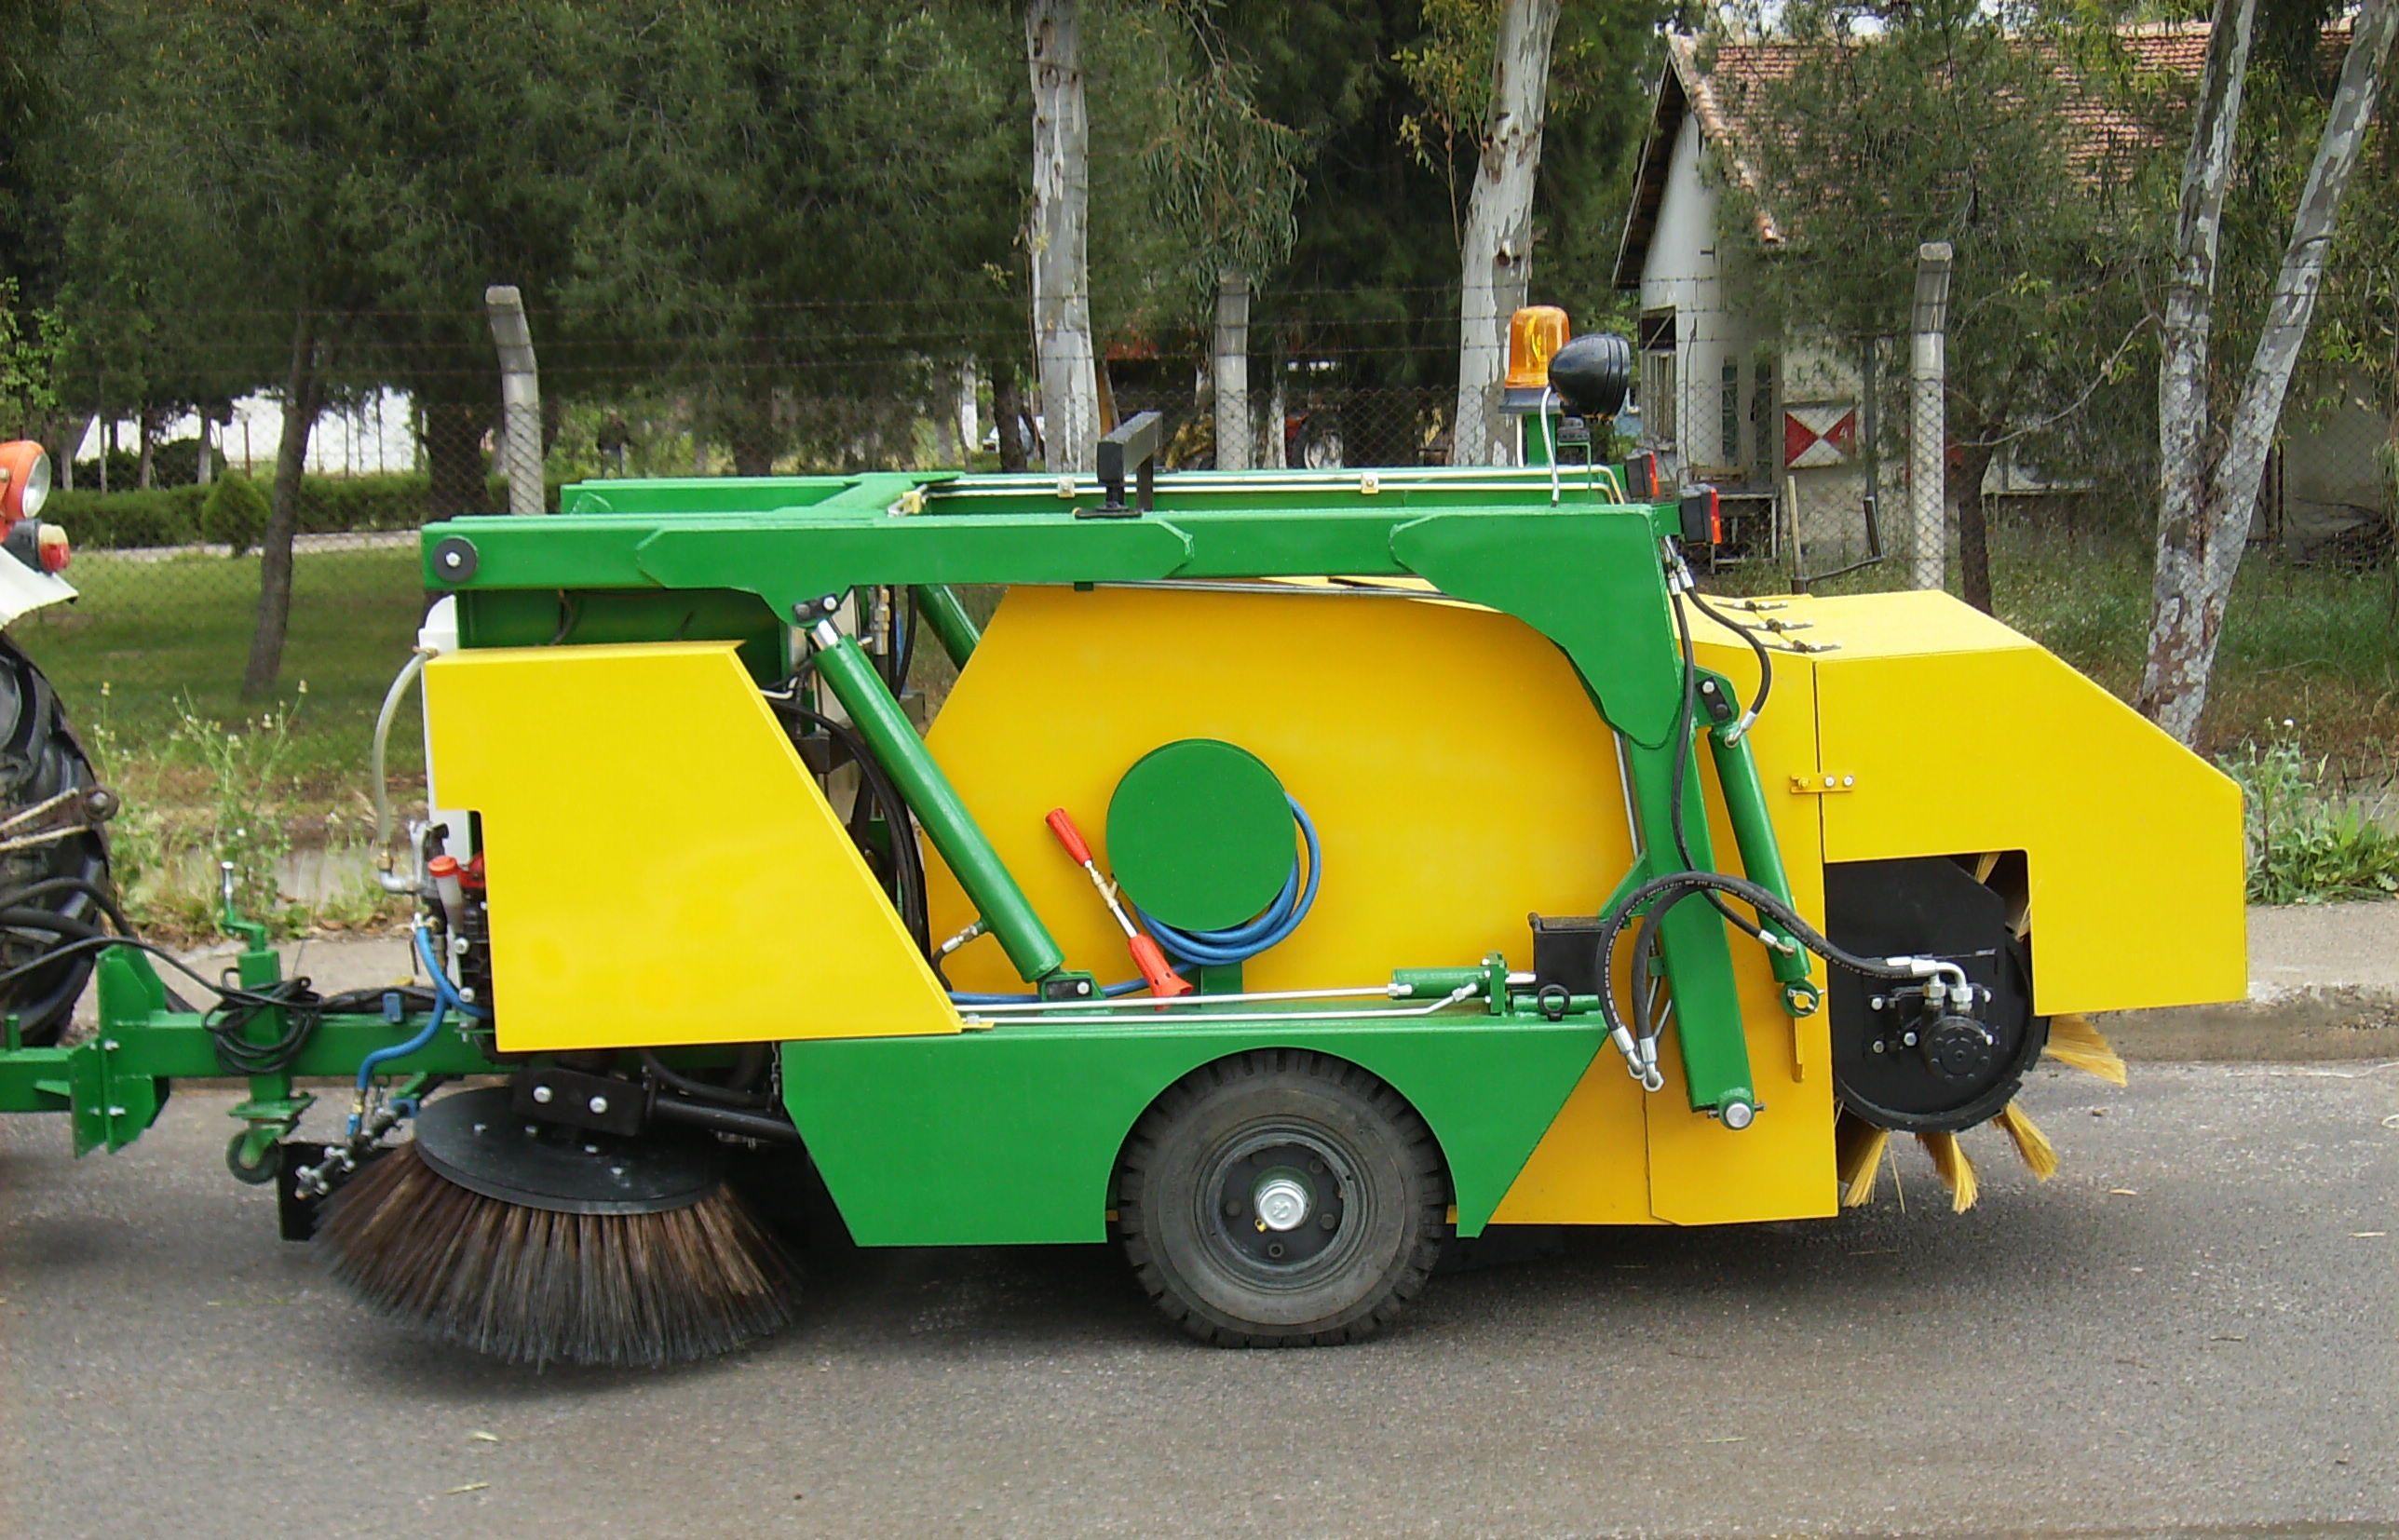 Barredoras de carretera remolcadas con tractor